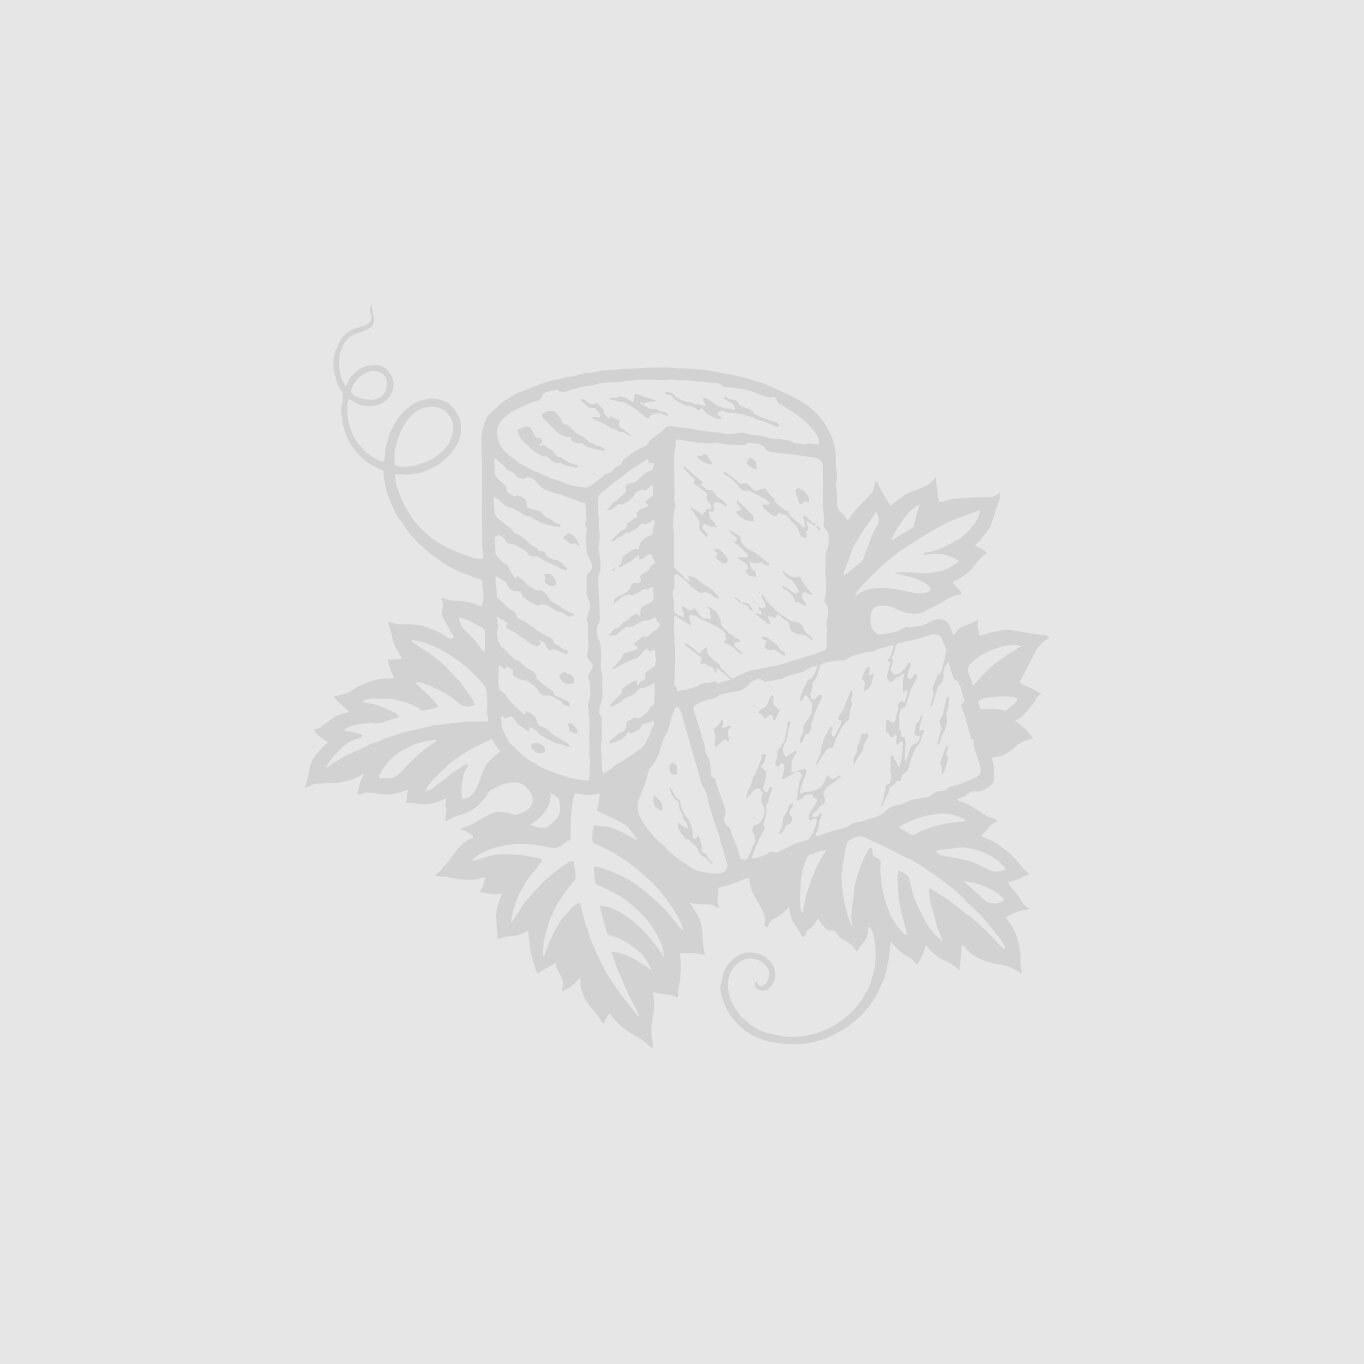 Progettidivini Prosecco di Valdobbiadene Superiore DOCG Extra Dry 2016